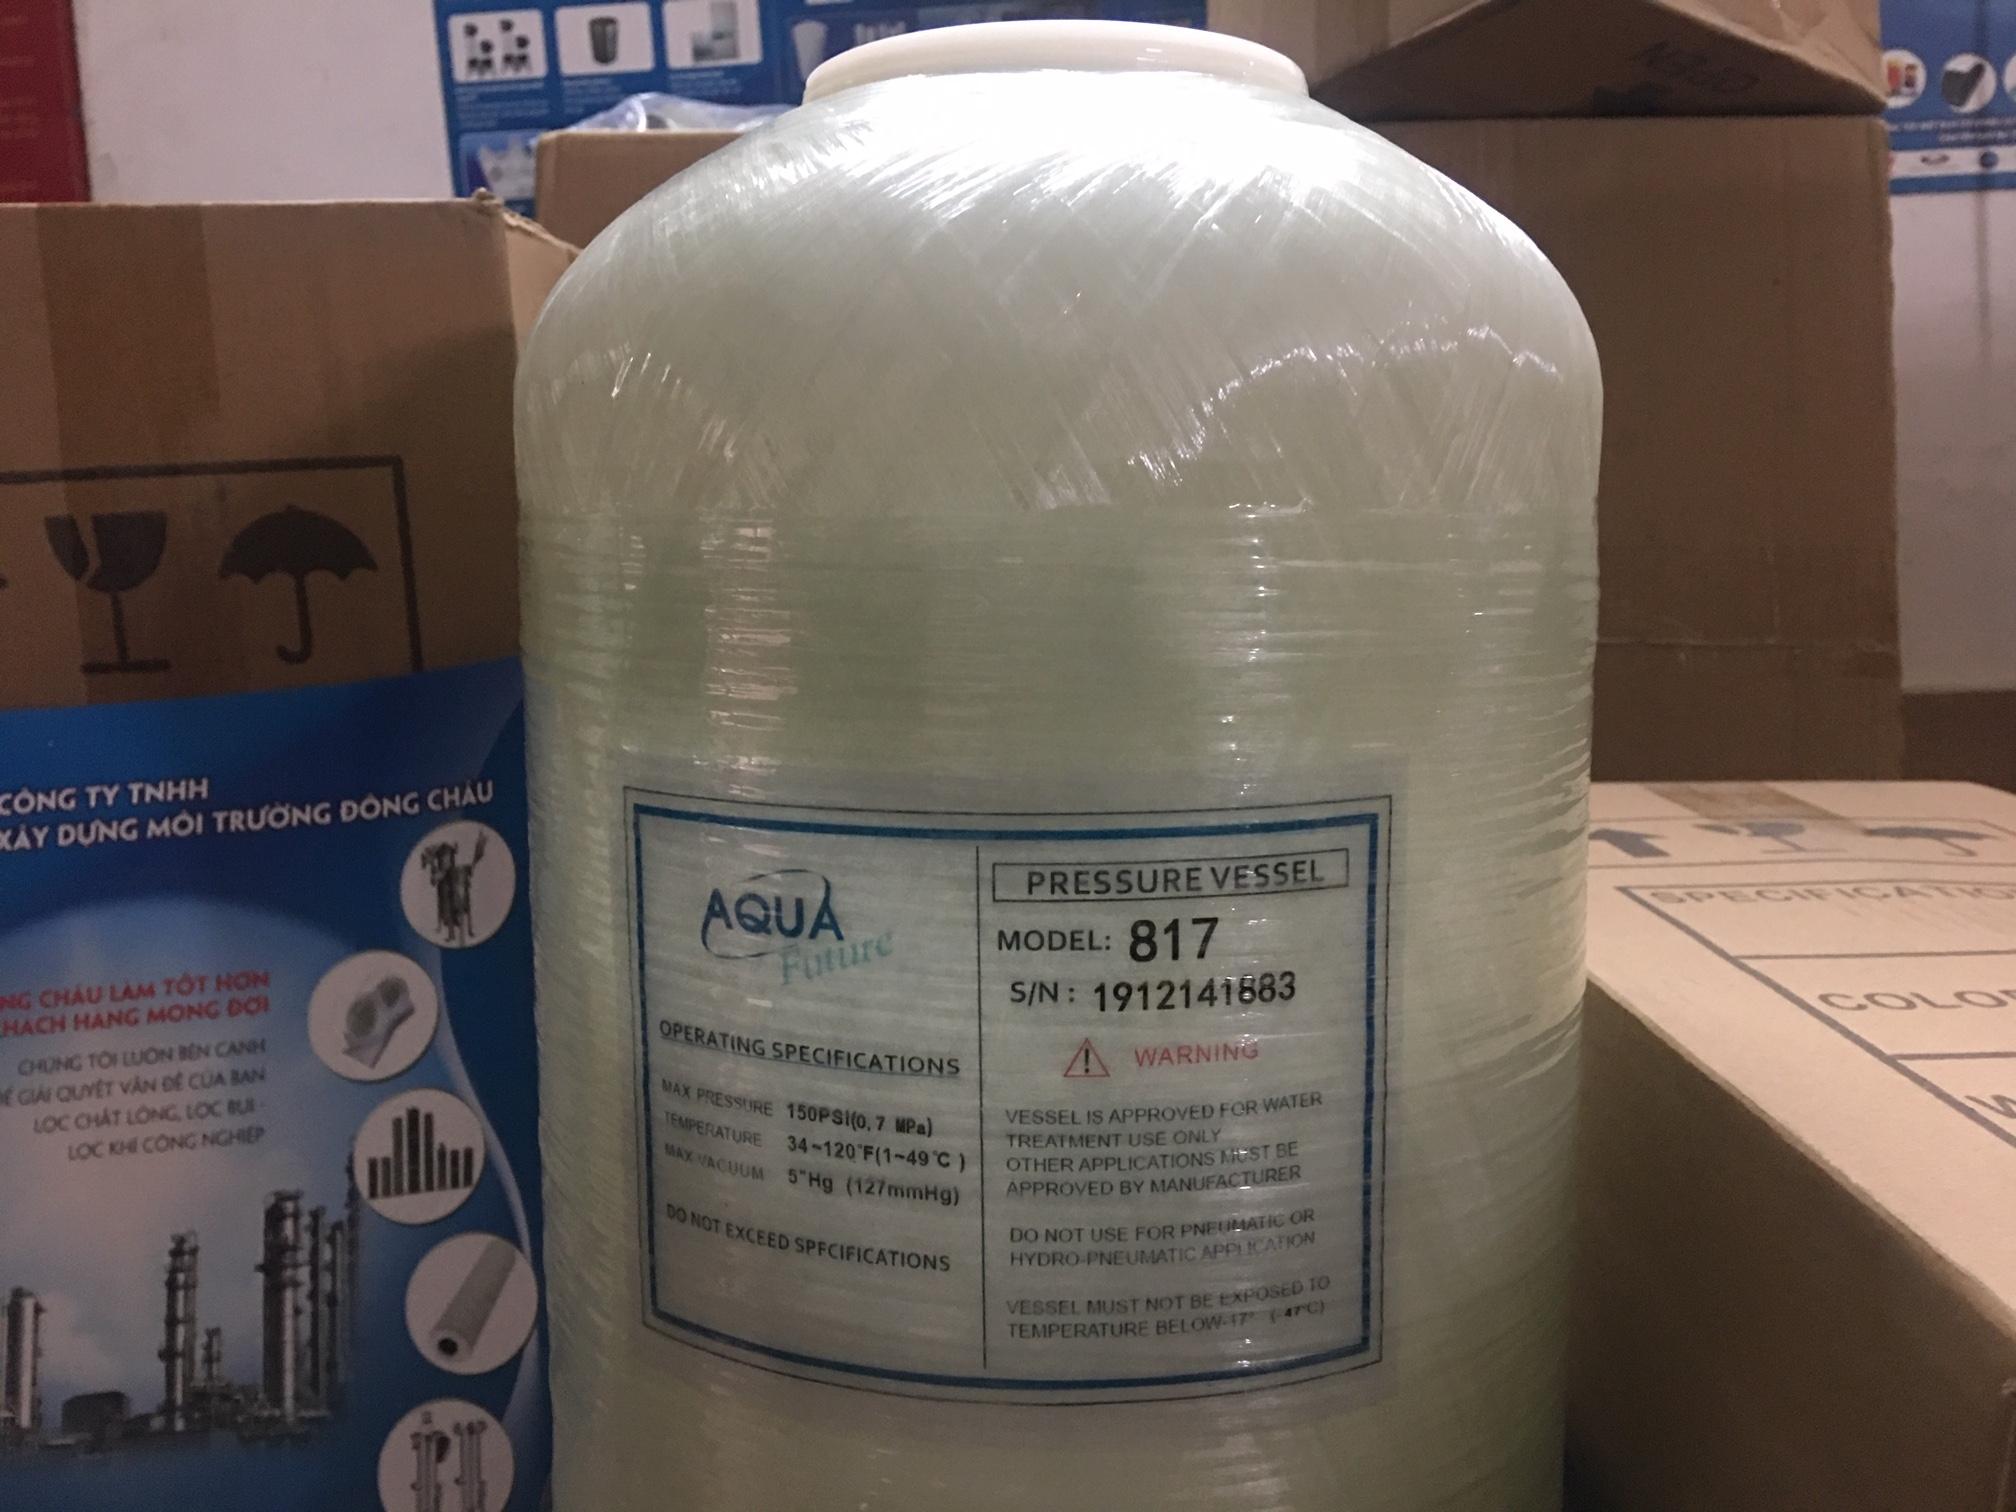 Chất liệu composite chịu được ăn mòn và áp lực lớn